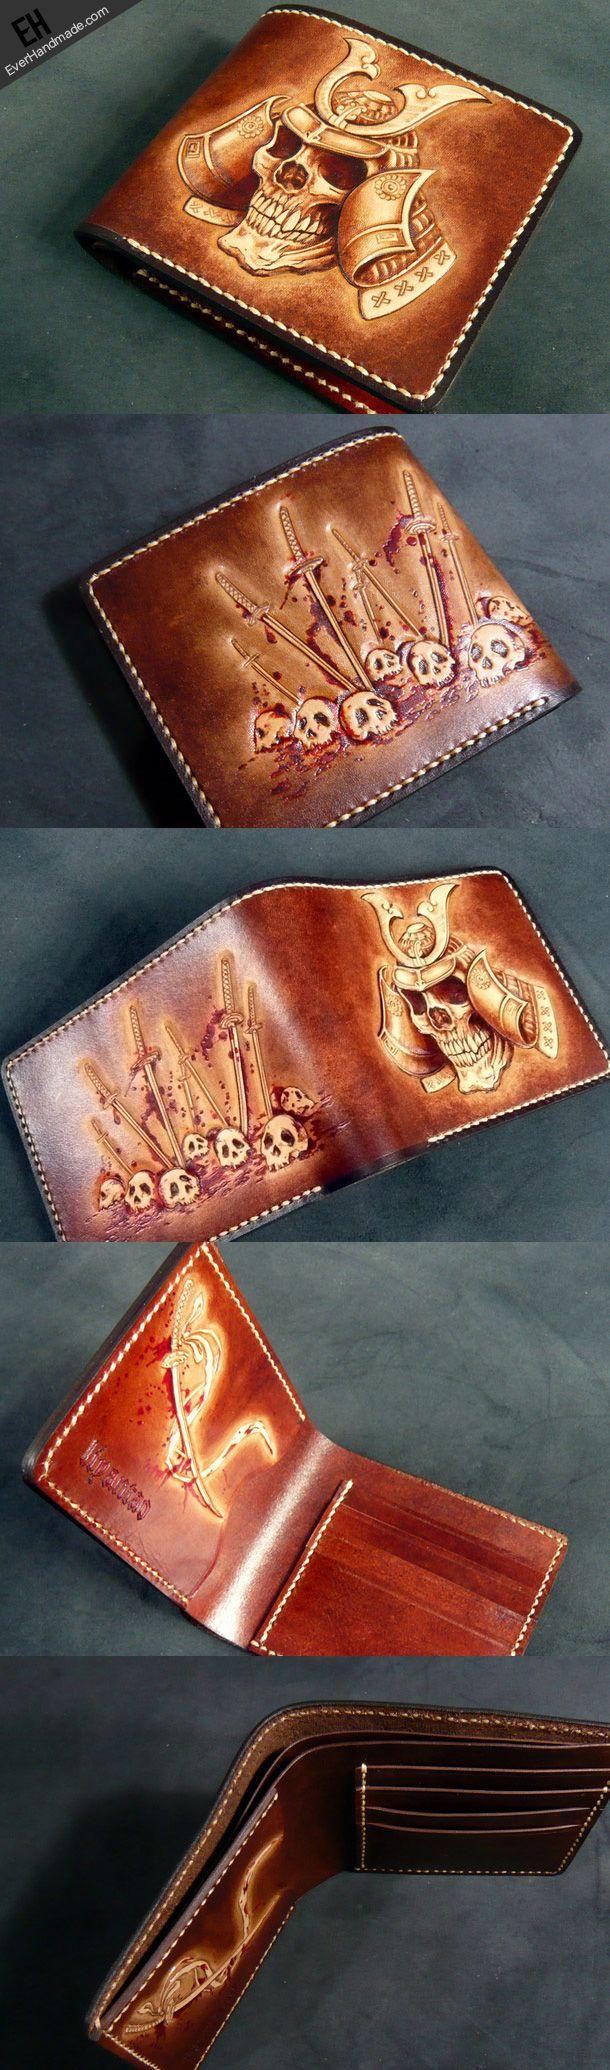 Handmade leather wallet men Japanese general Skull carved leather short wallet for him